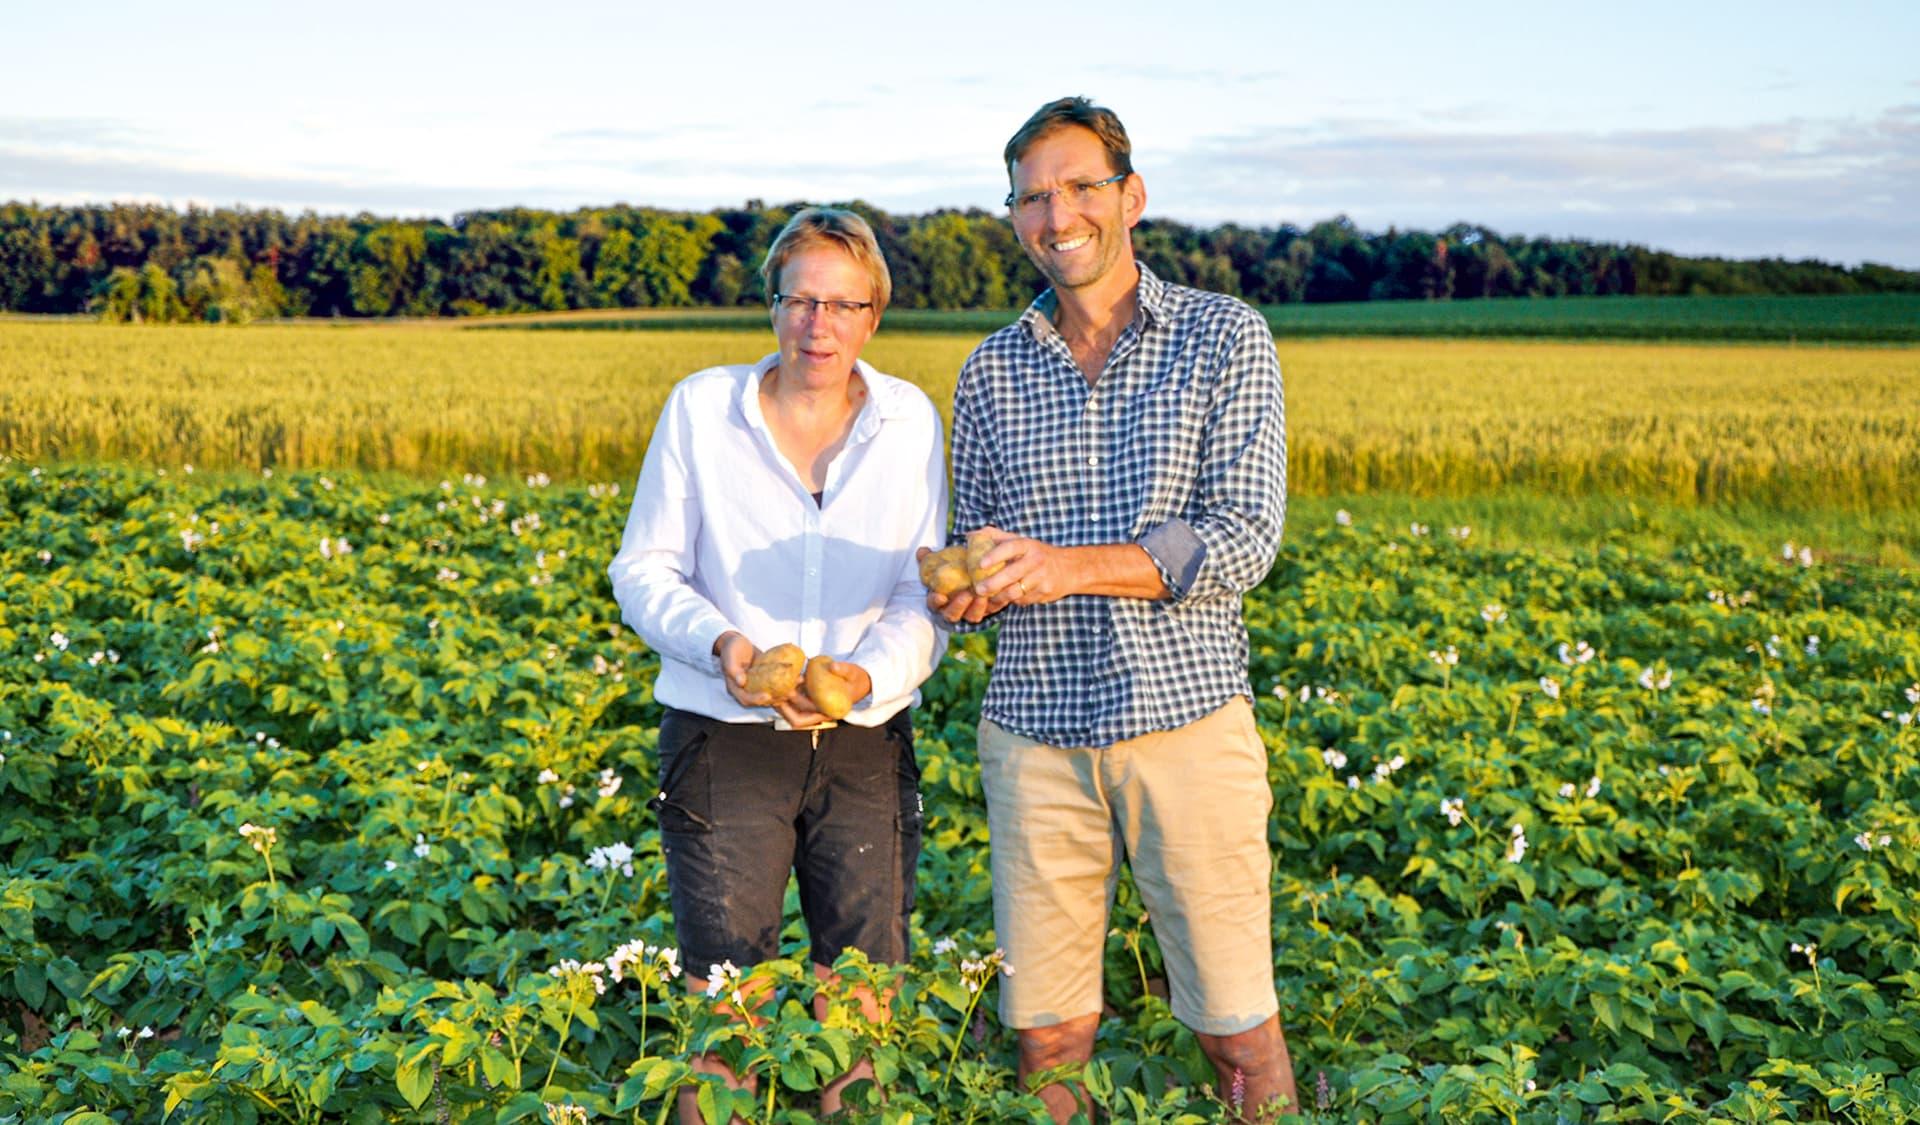 Petra Sandjohann und ihr Mann Bernhard Schreyer in ihrem Kartoffelfeld stehend.